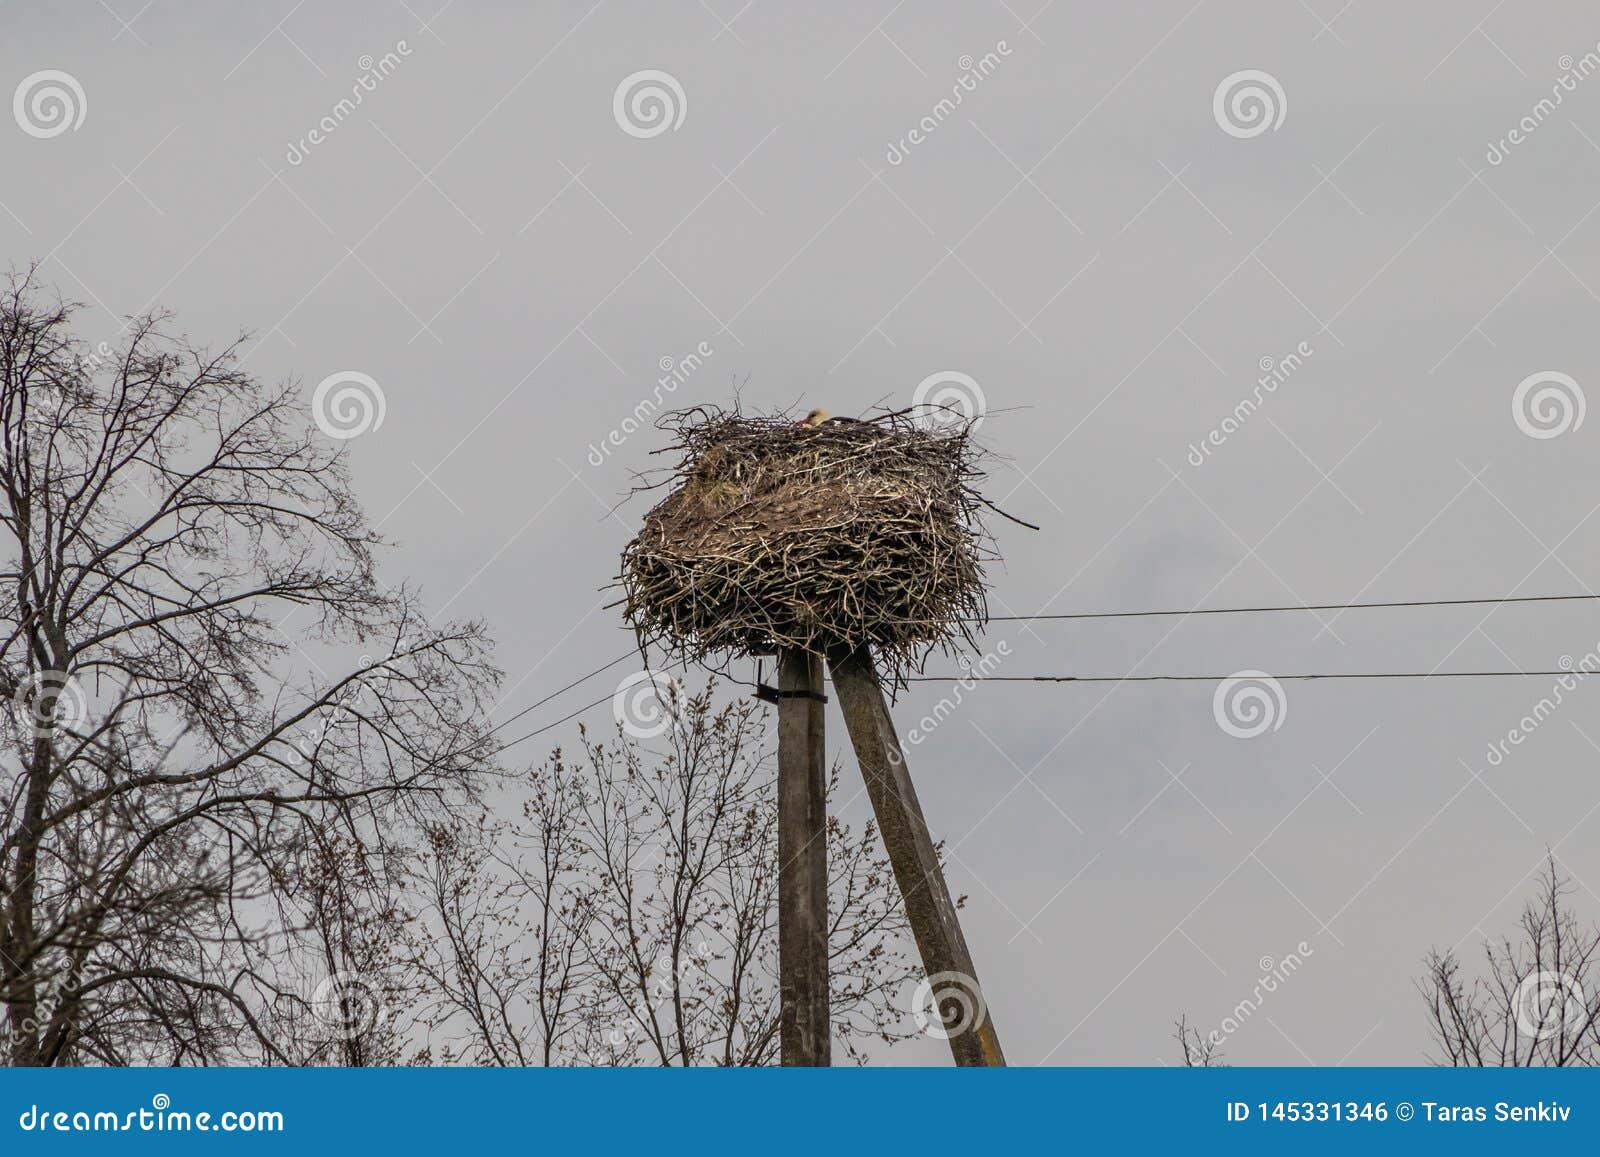 Stork nest on electric pole